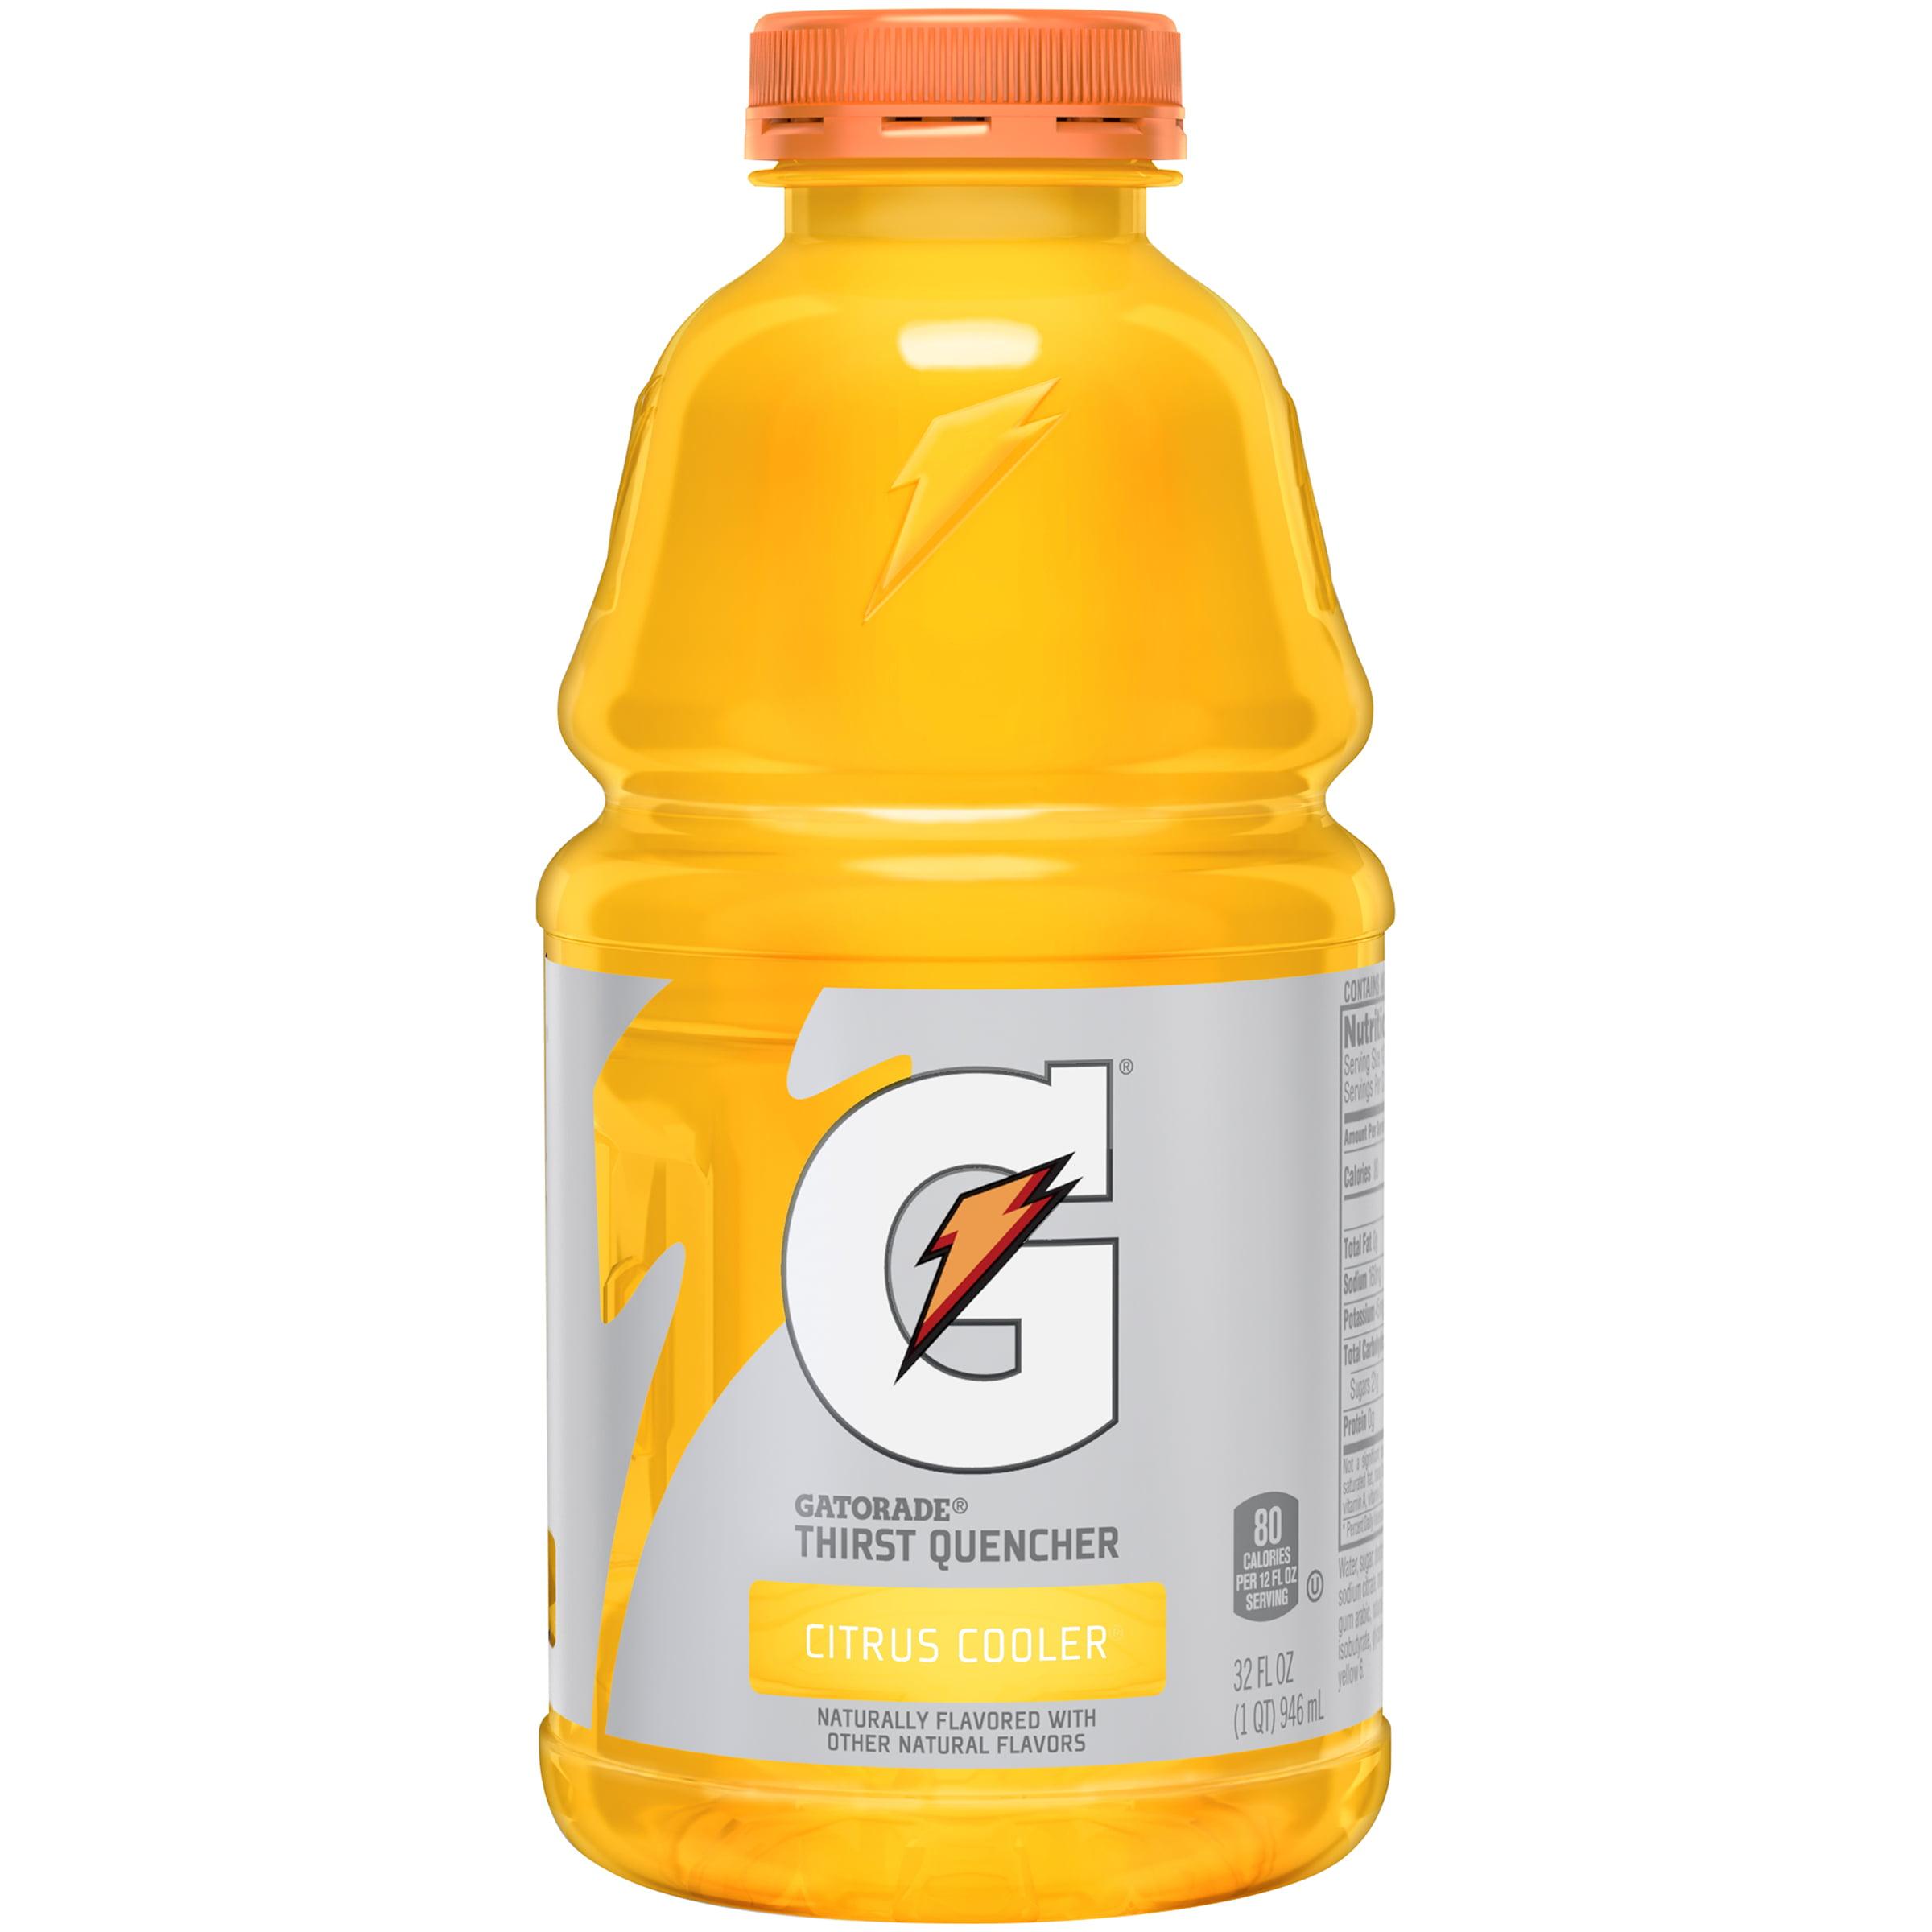 Gatorade Thirst Quencher, Citrus Cooler, 32 fl oz Bottle by The Gatorade Co.